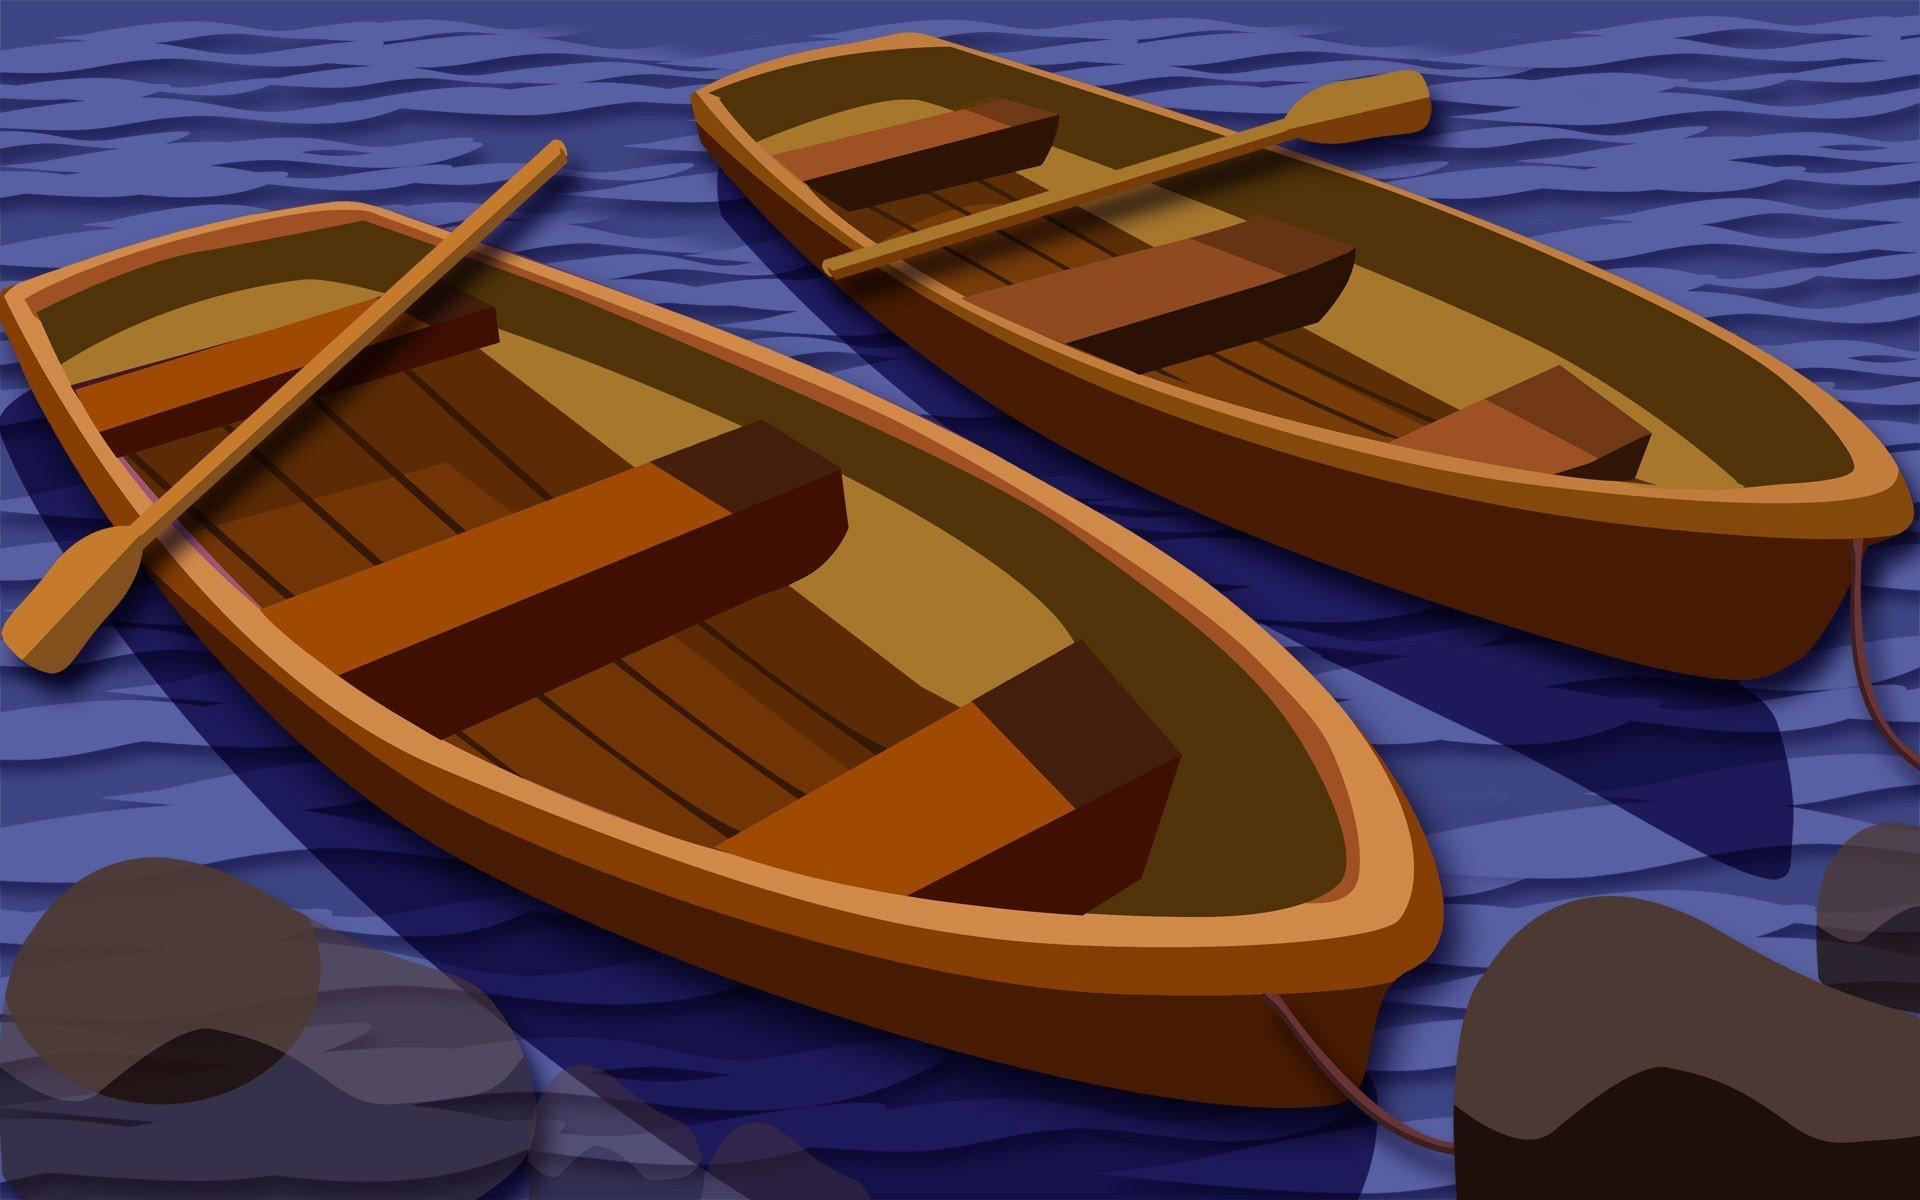 Картинка про лодку